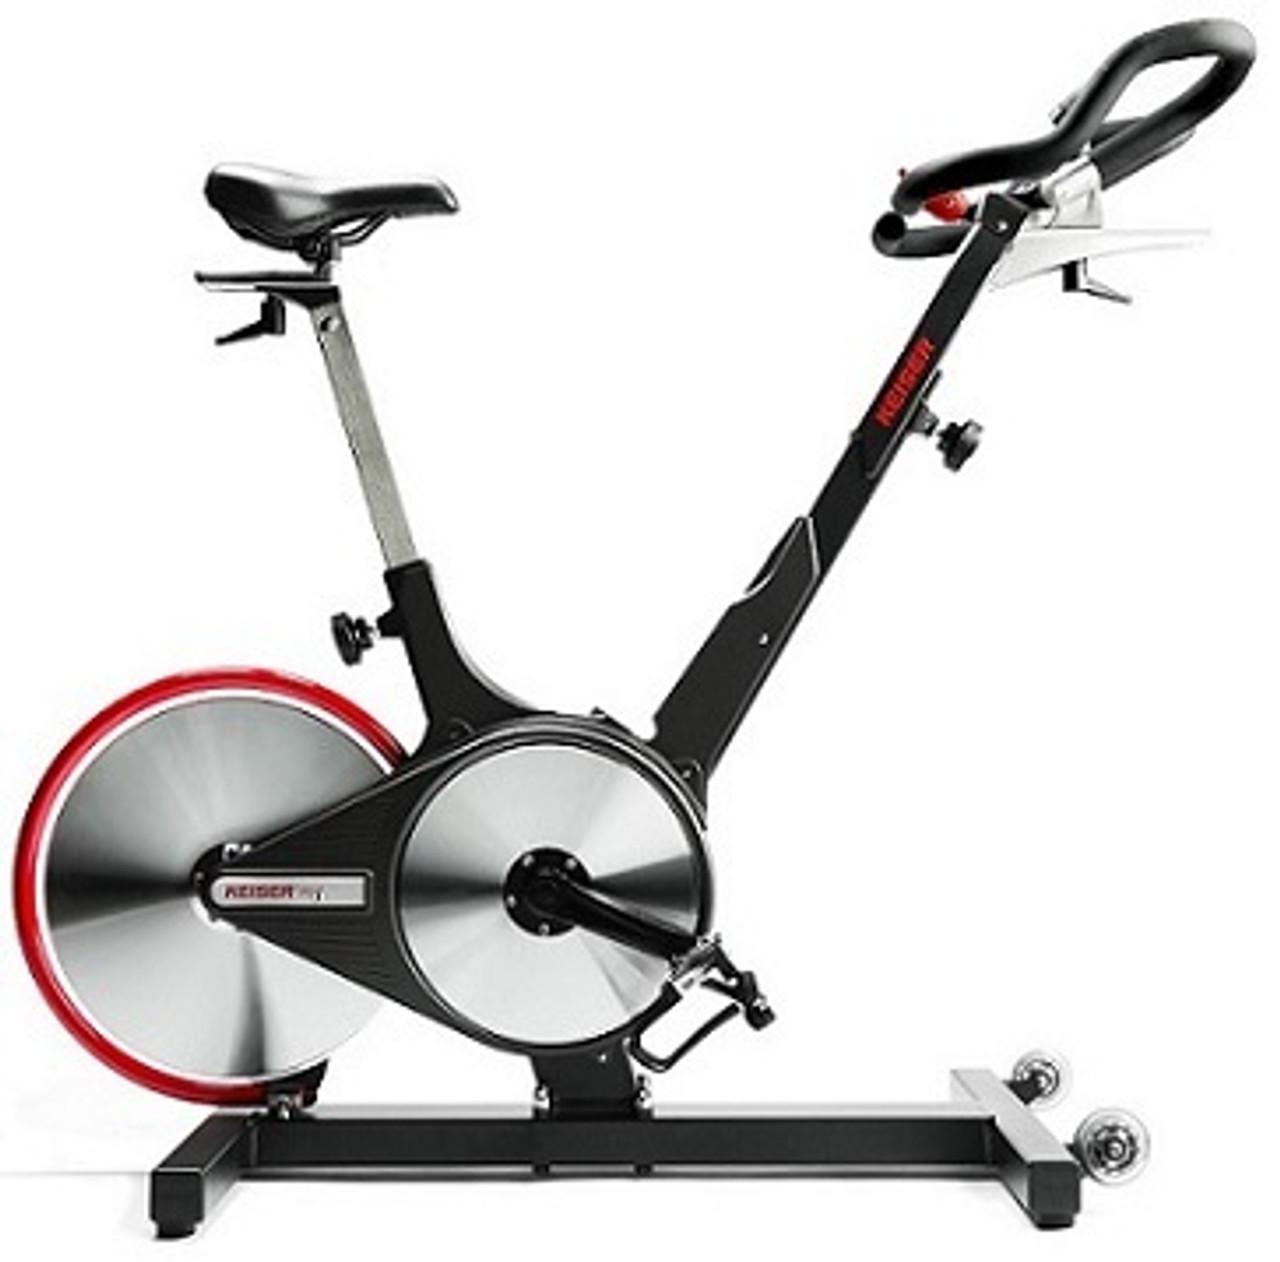 Keiser M3i black spin bike